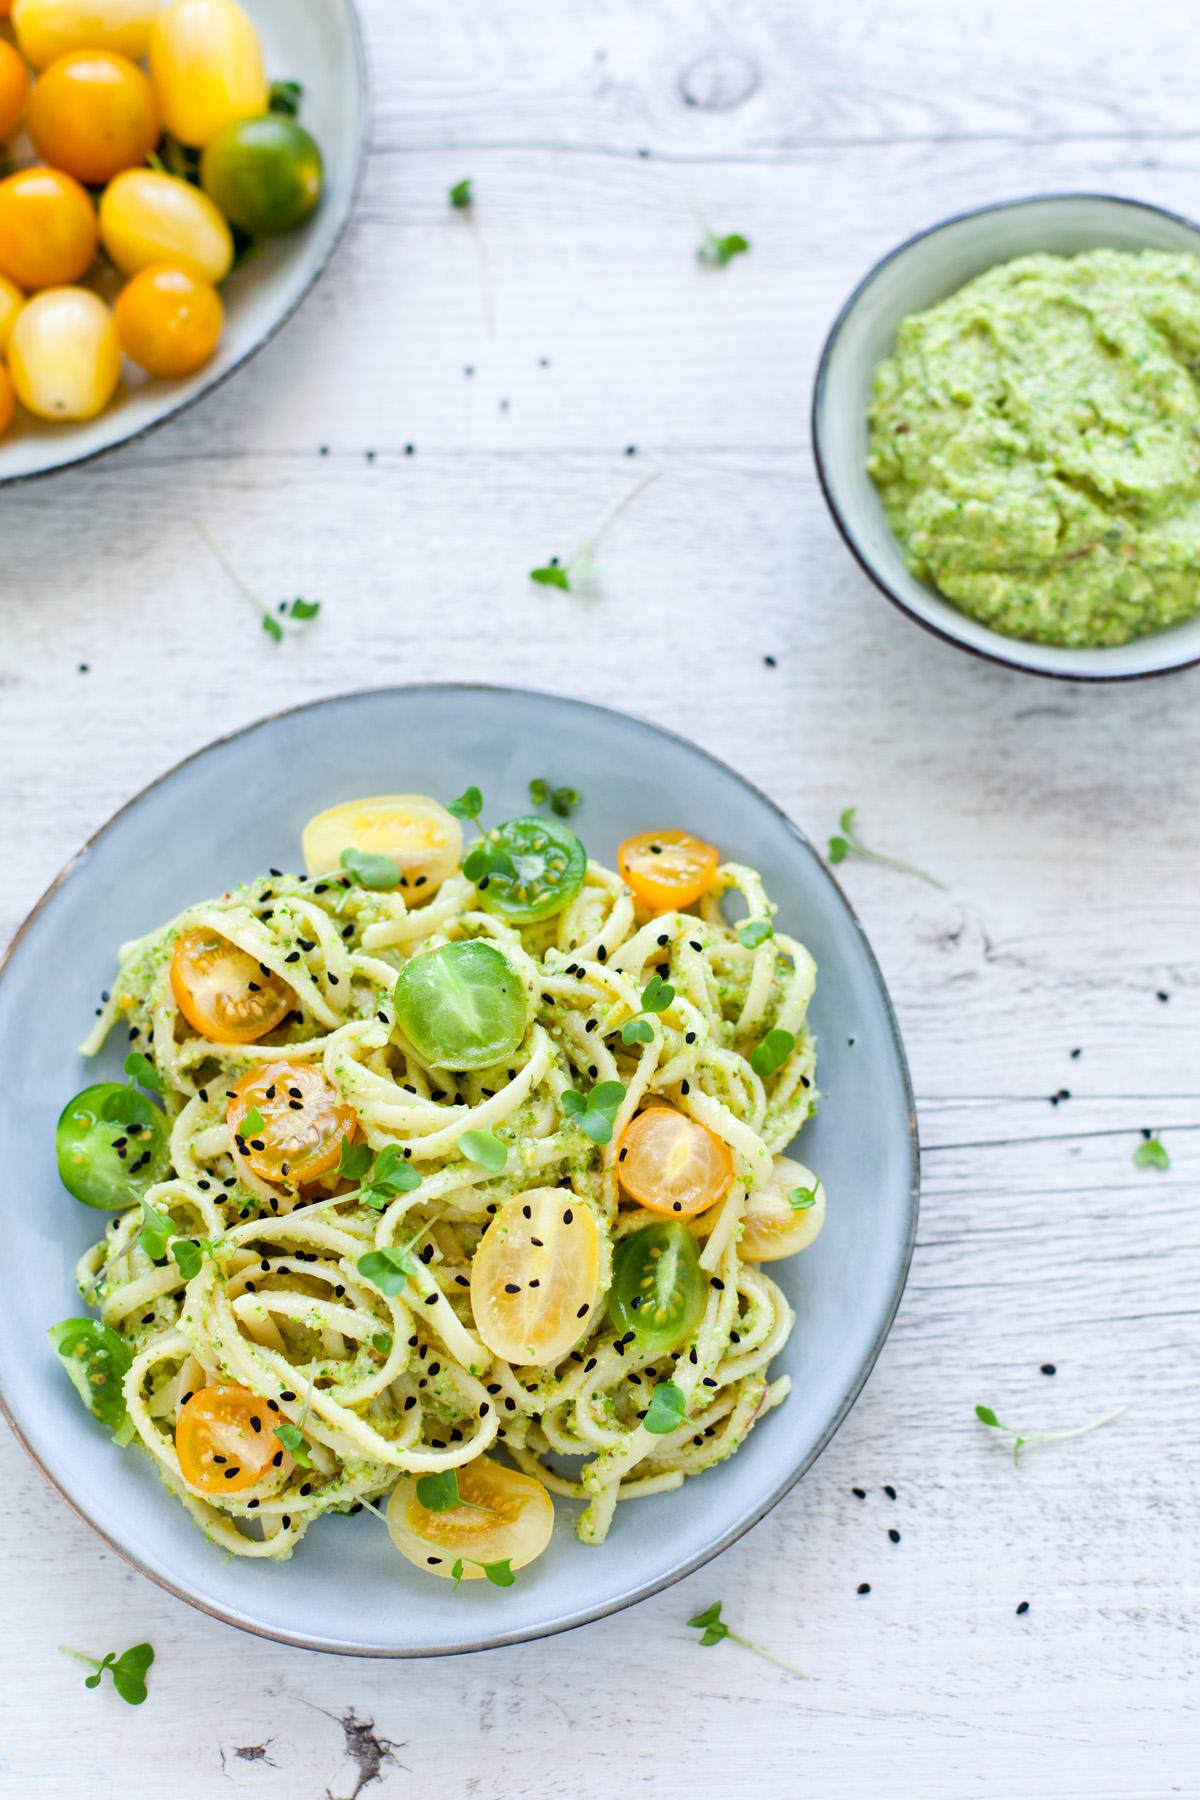 Linguine alla crema di zucchine con crudaiola di pomodori gialli e verdi 3